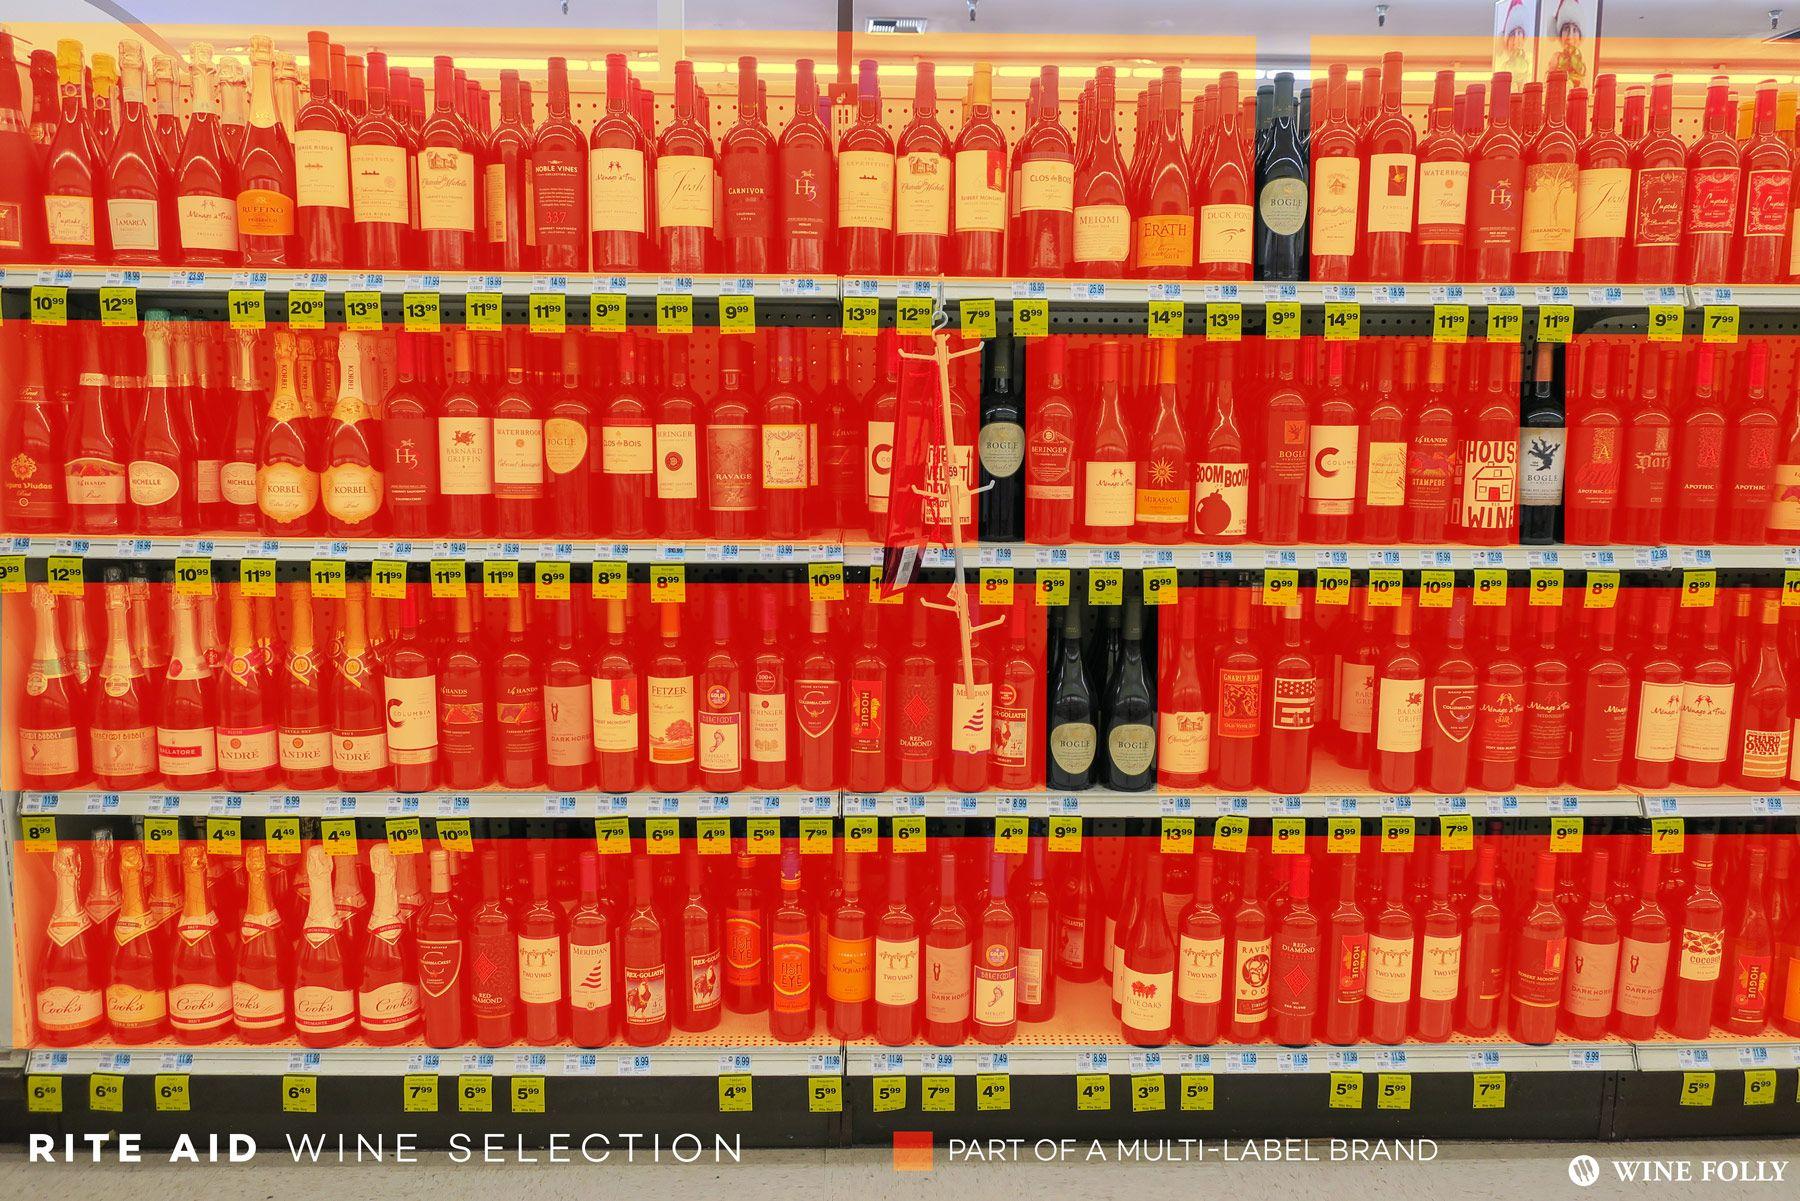 Big Wine Brands Vs Independent Wineries Wine Folly Wine Brands Wine Folly Wine Equipment